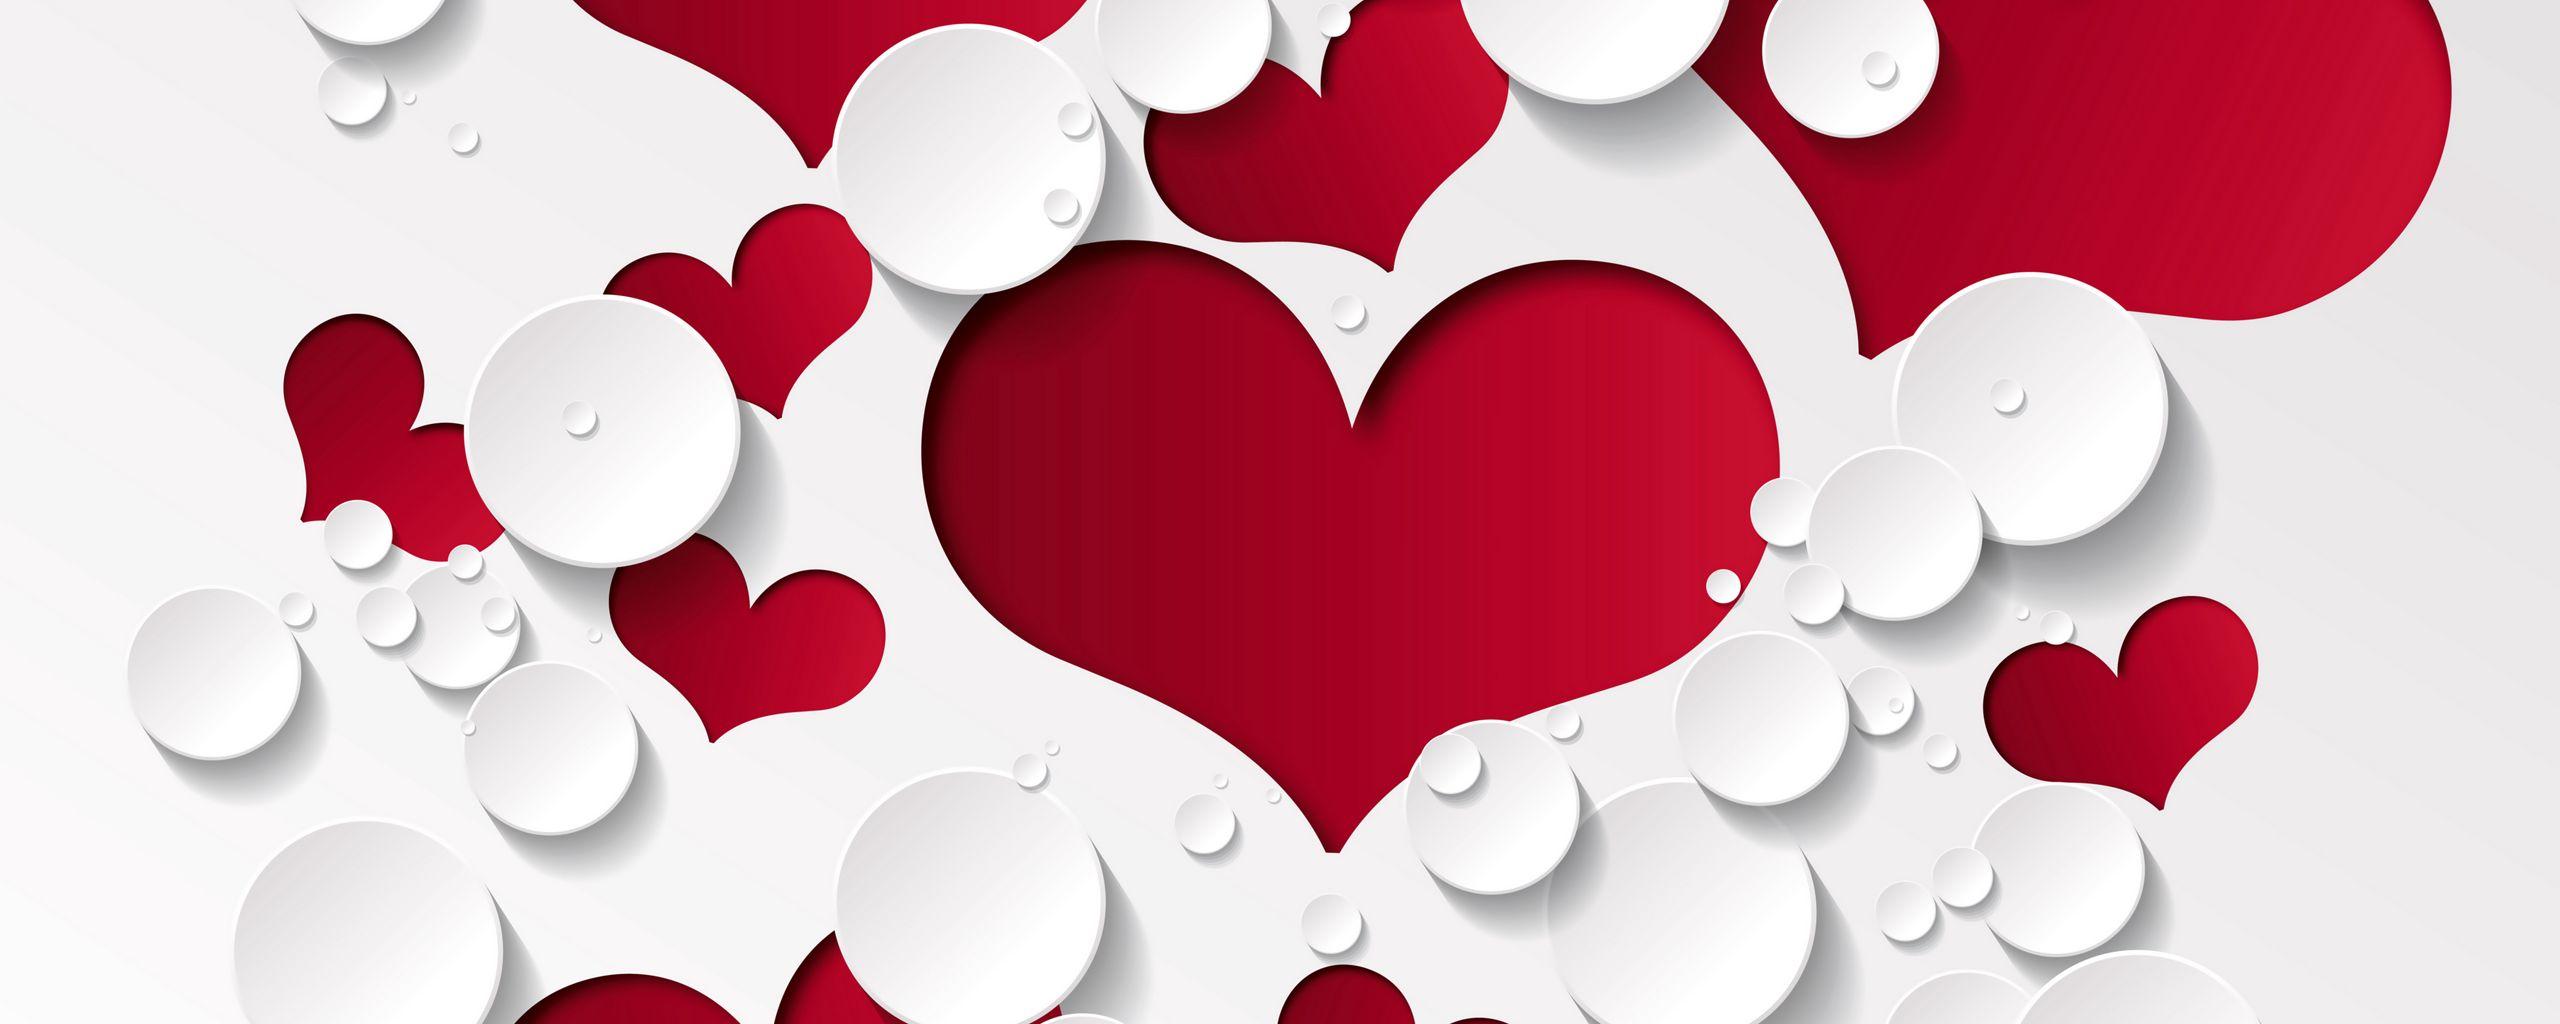 2560x1024 Wallpaper heart, shape, pattern